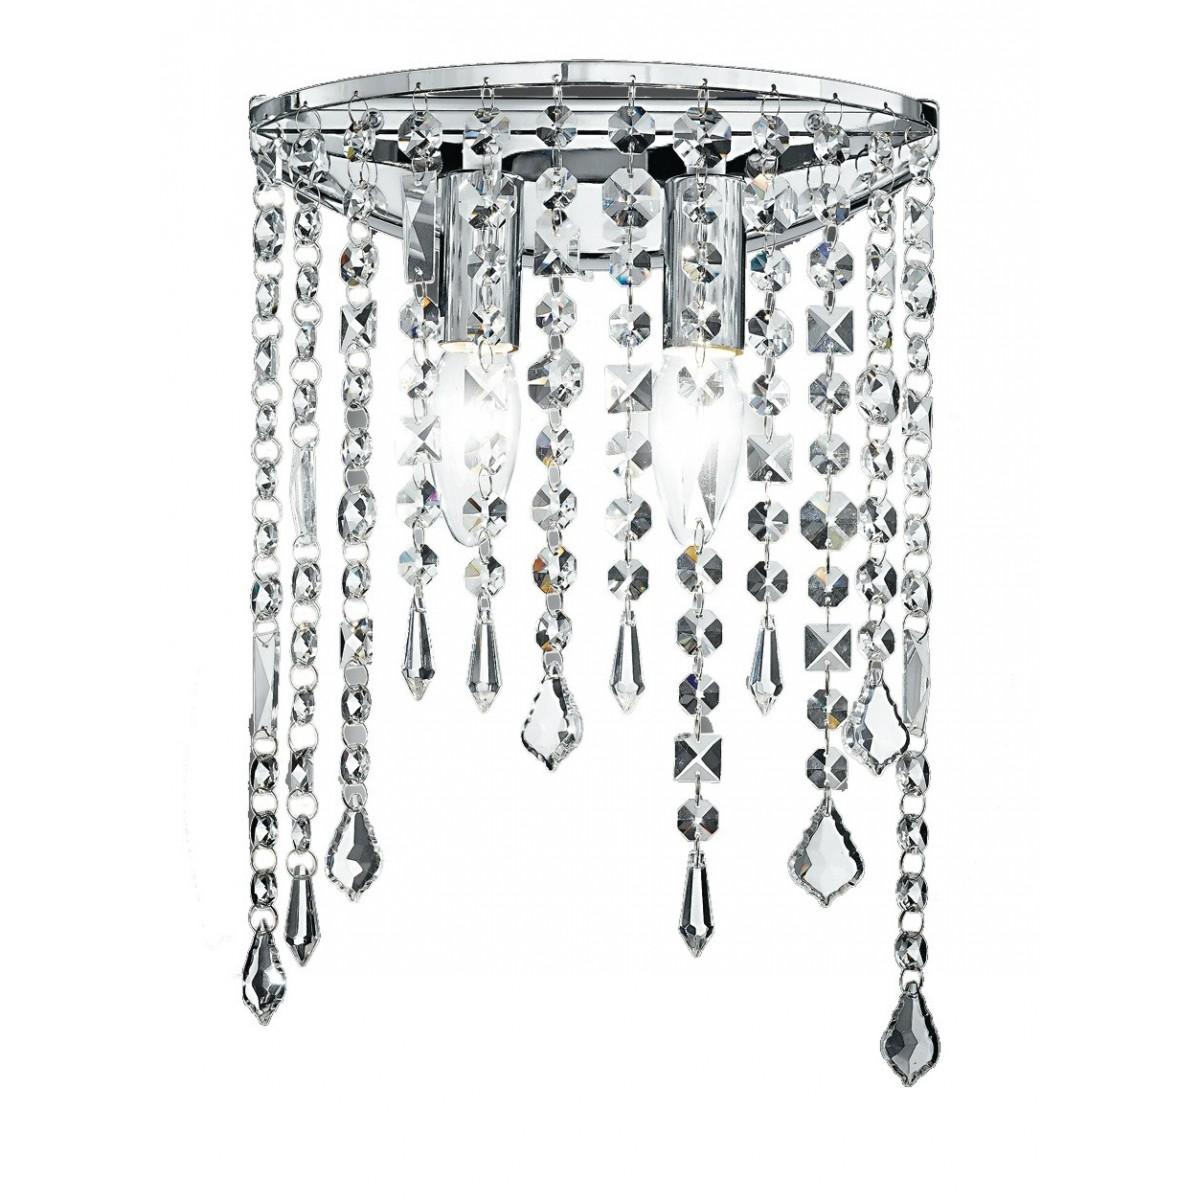 I-BREEZE/AP2 - Applique Elegante Pendenti Cristalli K9 Metallo Lampada da Parete Classica E14